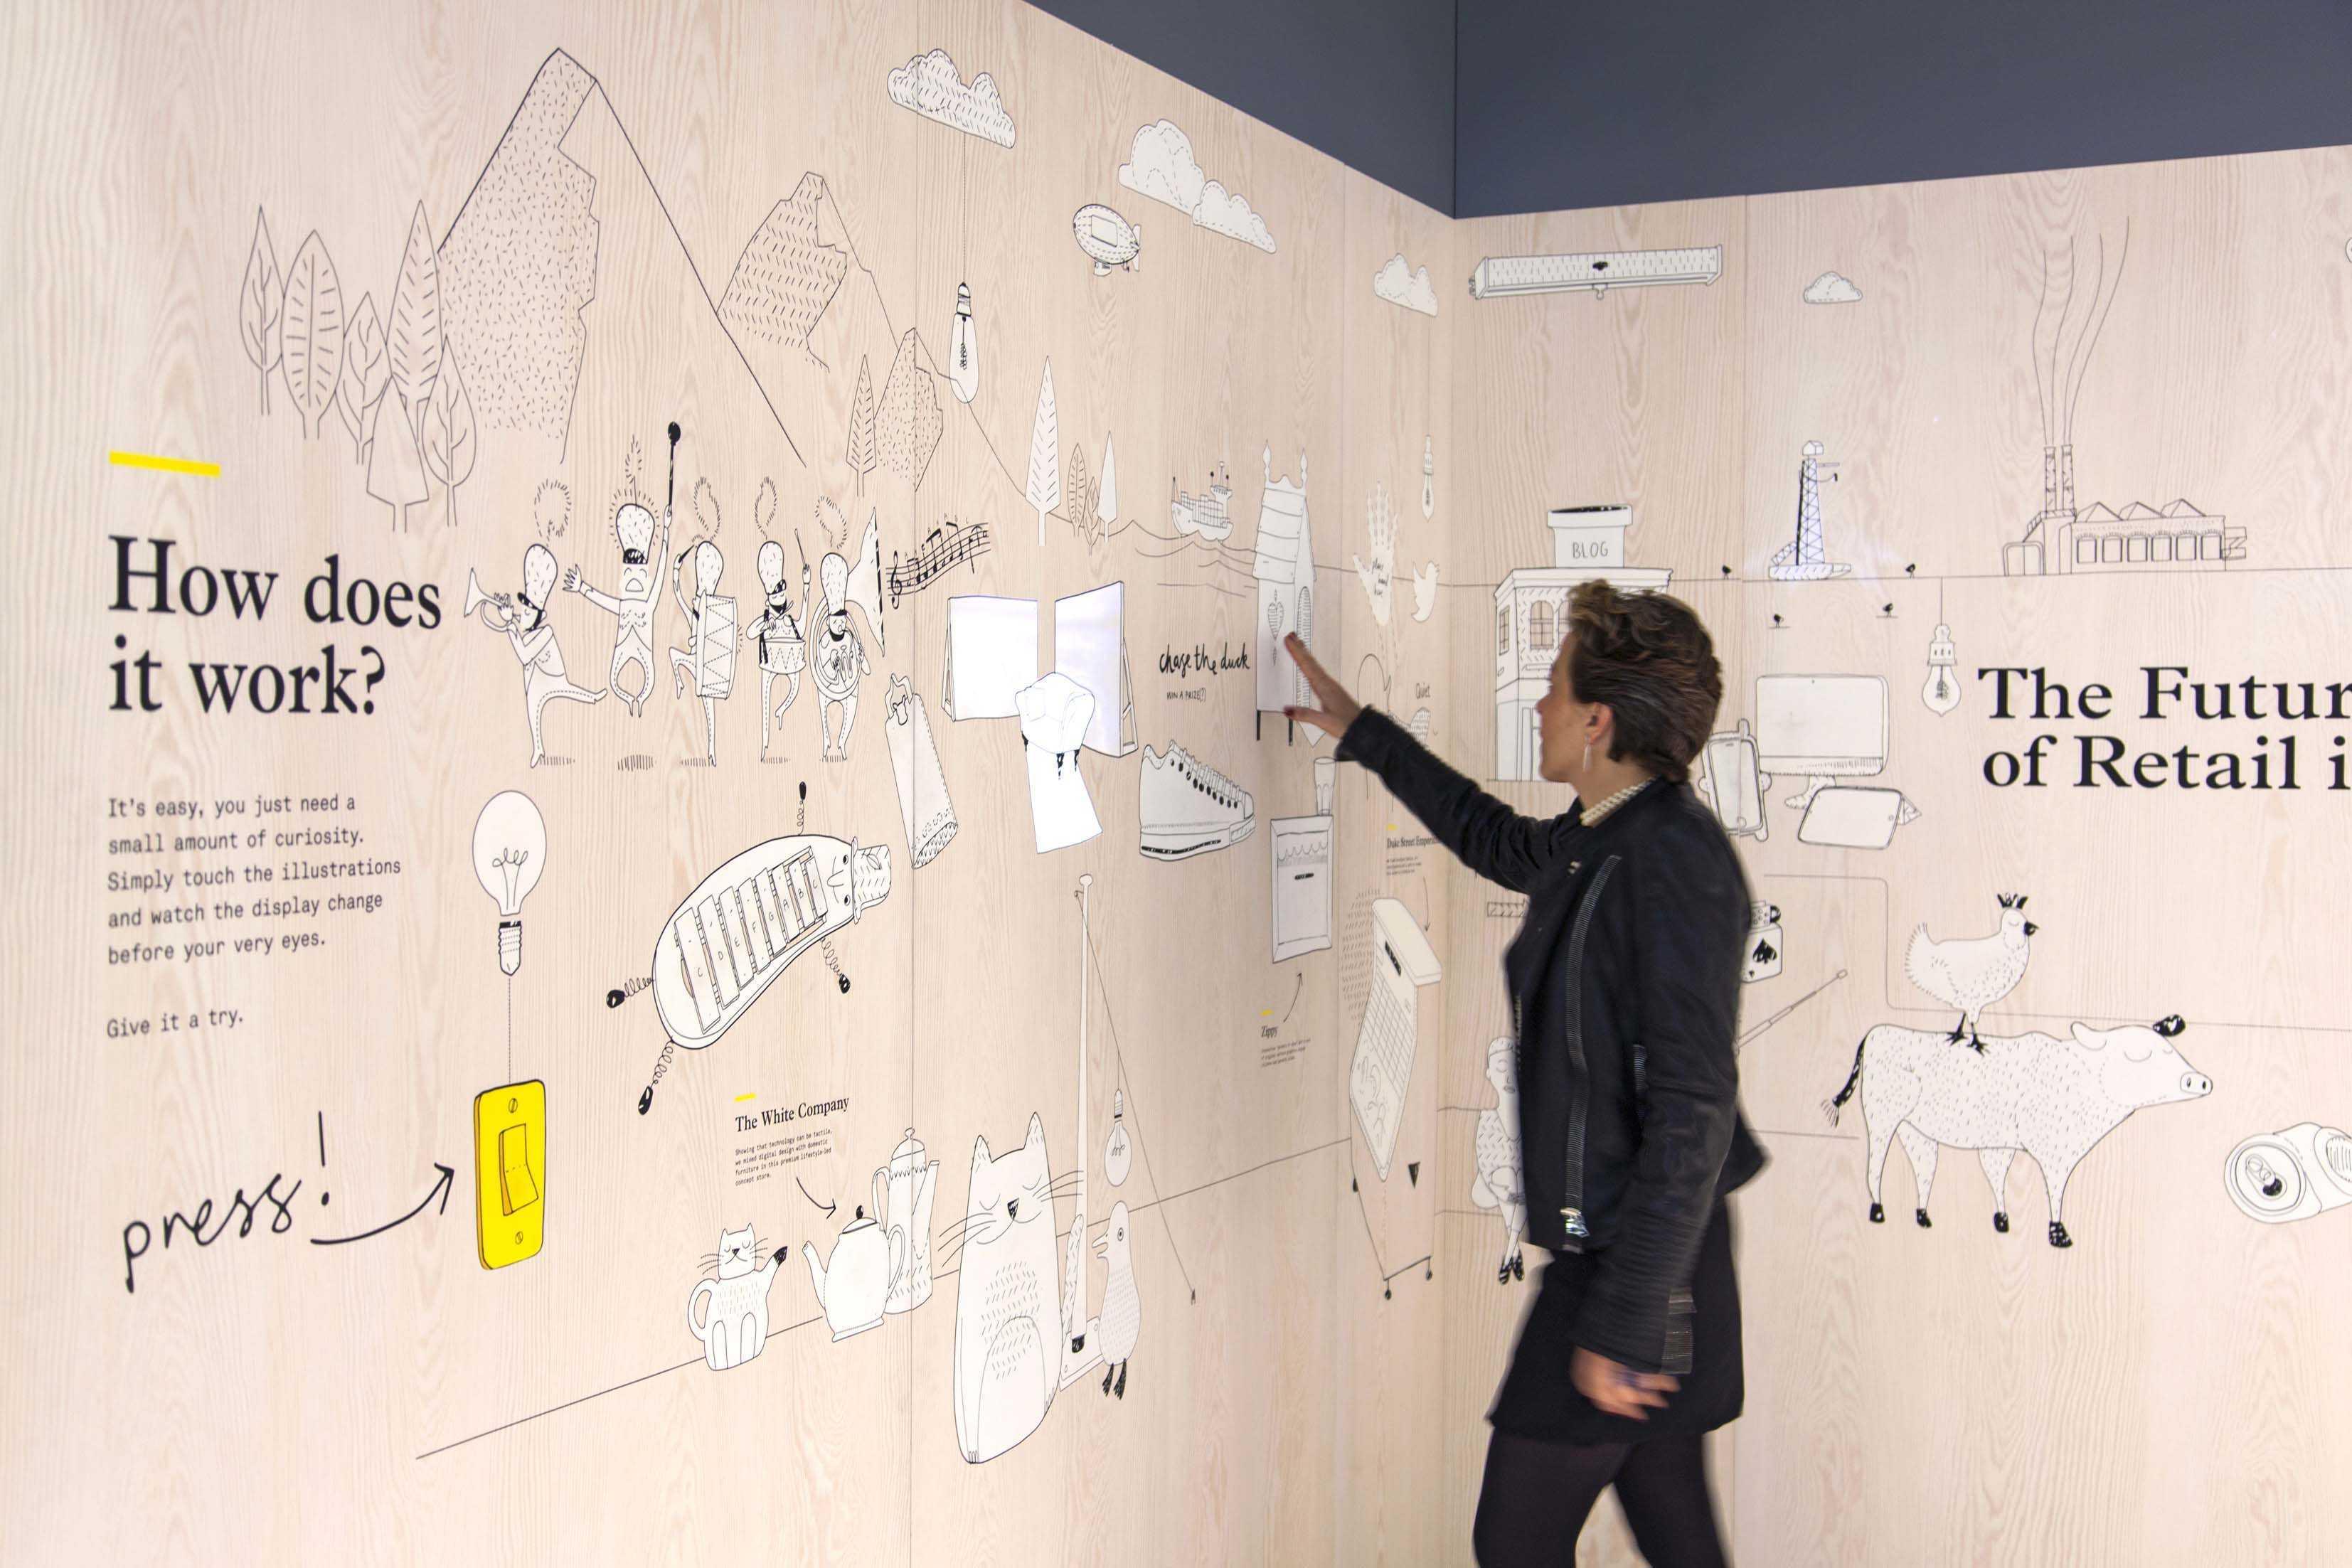 Smart Wall: vernici elettriche e altre super tecnologie per le pareti del futuro